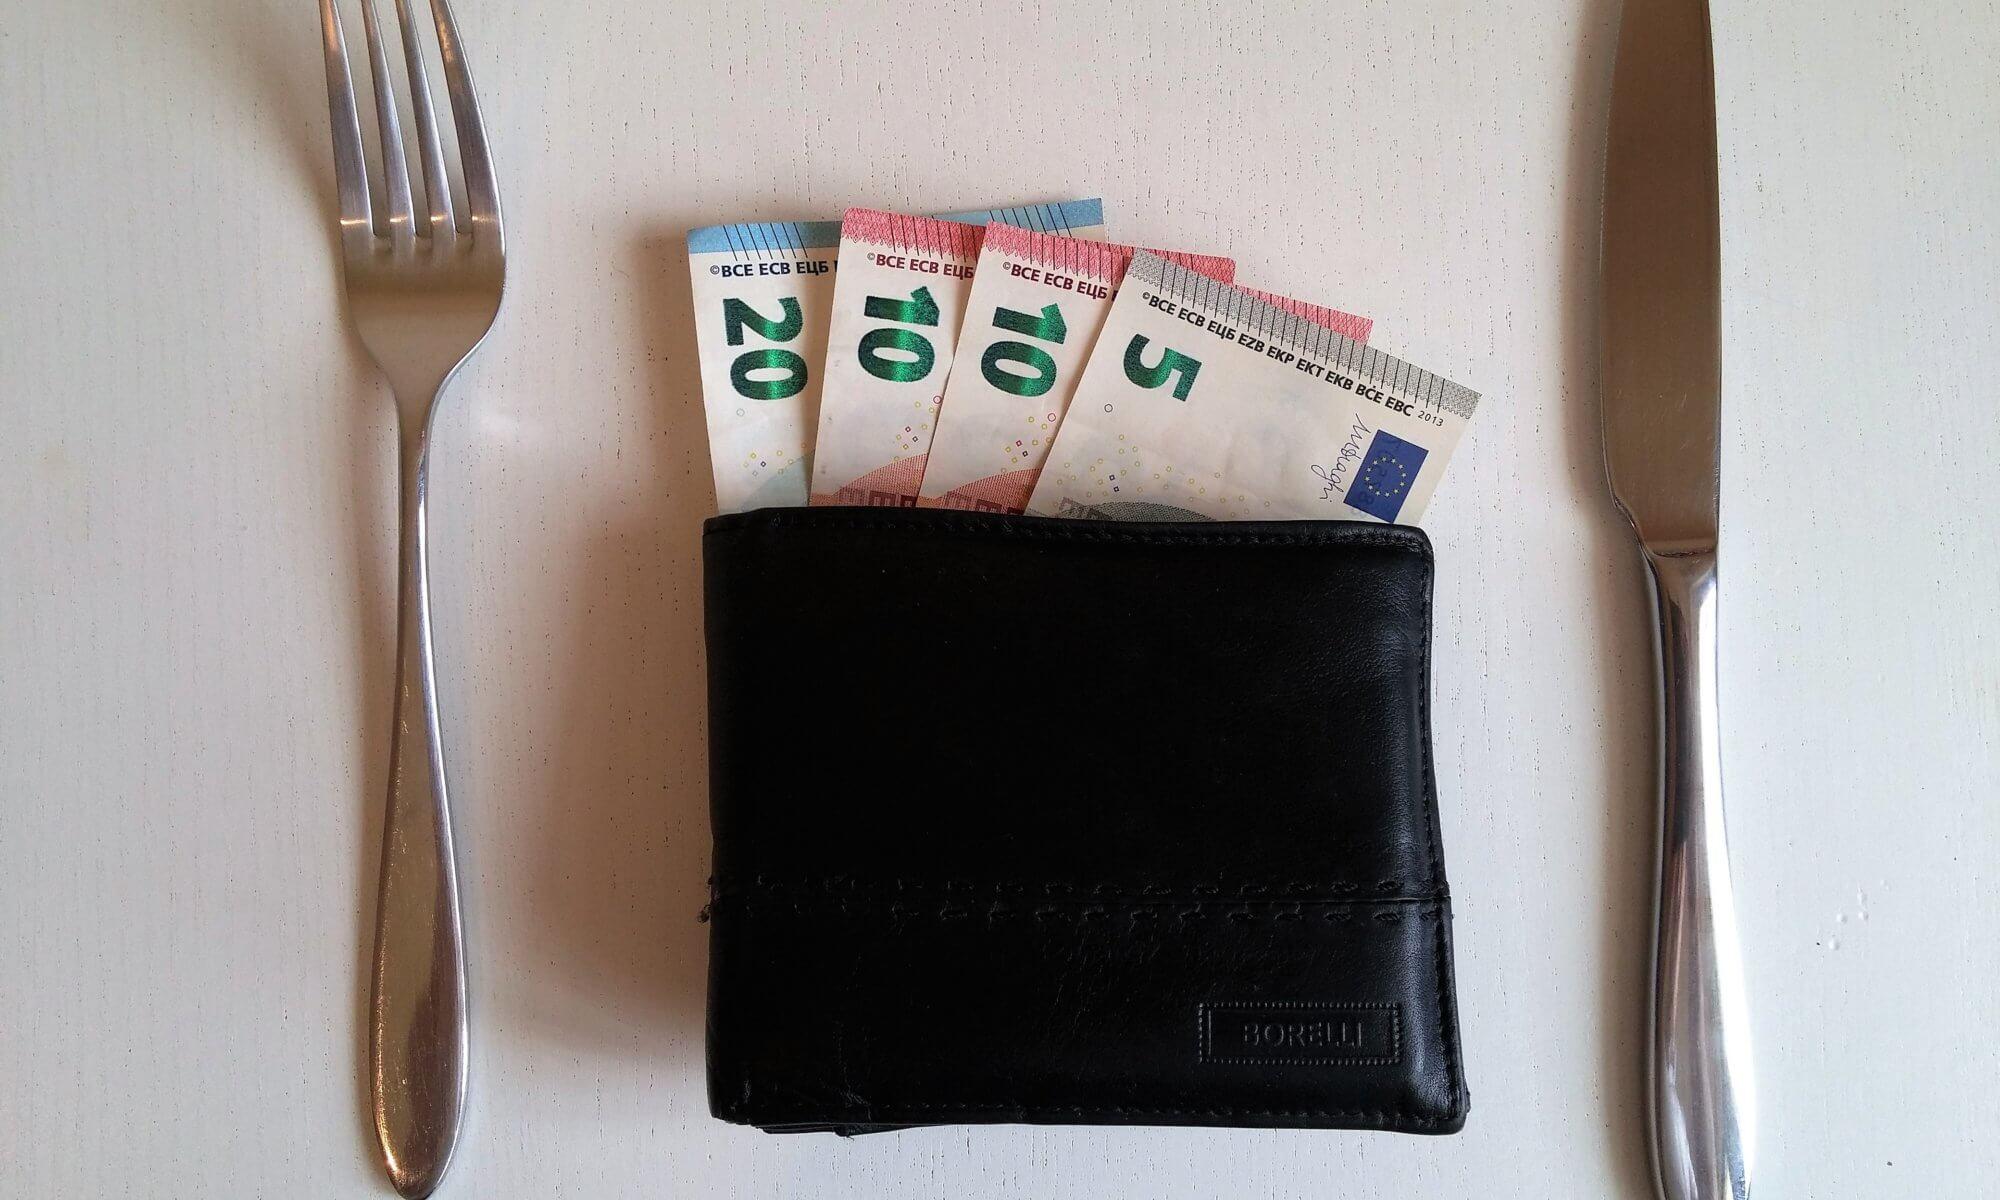 Sachbezug sind alle Einnahmen, die nicht in Geld erfolgen (c) peter-facebook / pixabay.de